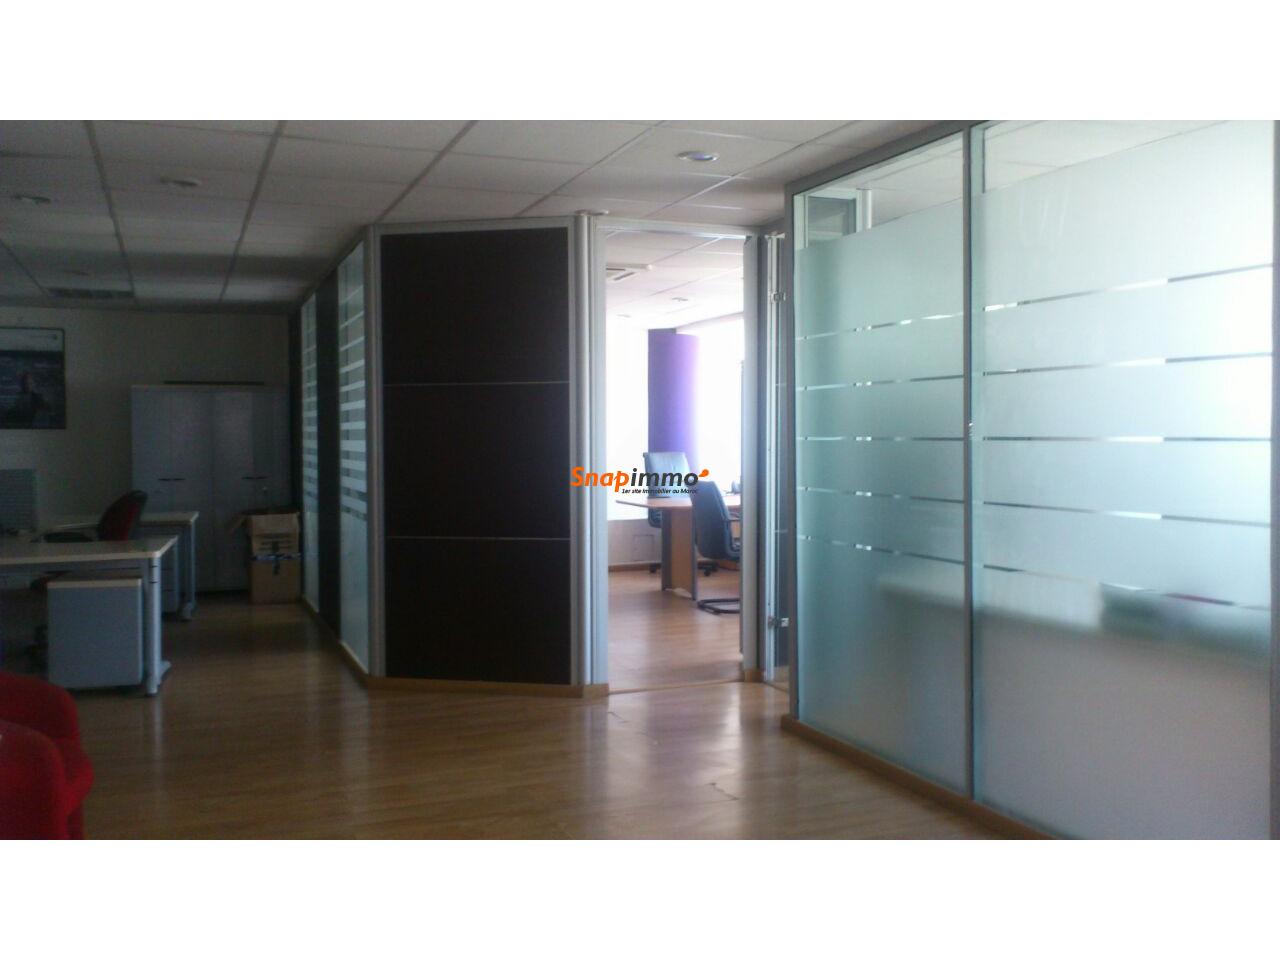 Bureau 118 m2 a vendre sur abdelmoumen - 2/2